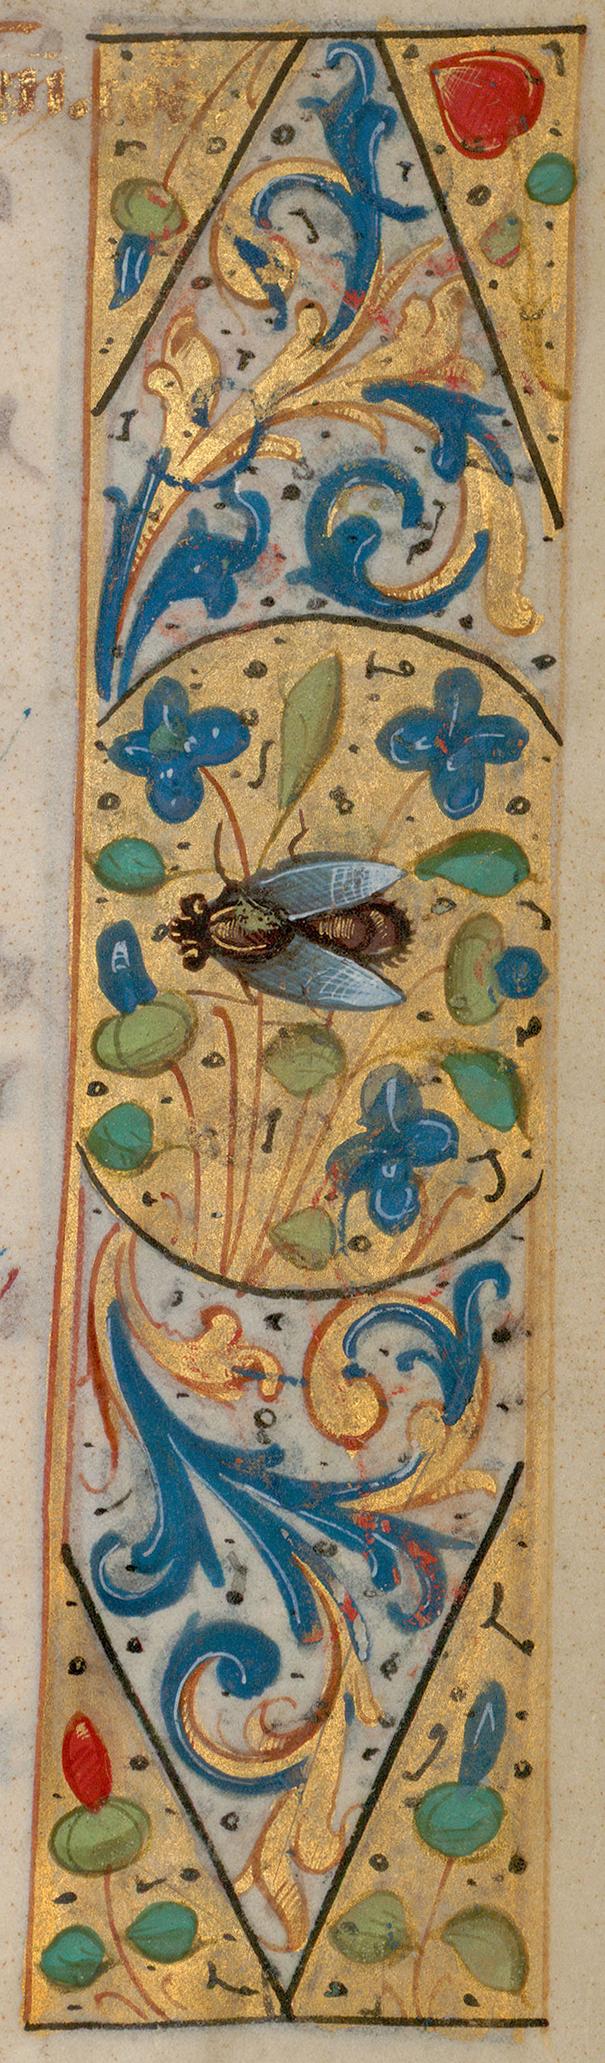 Contenu du L'abeille